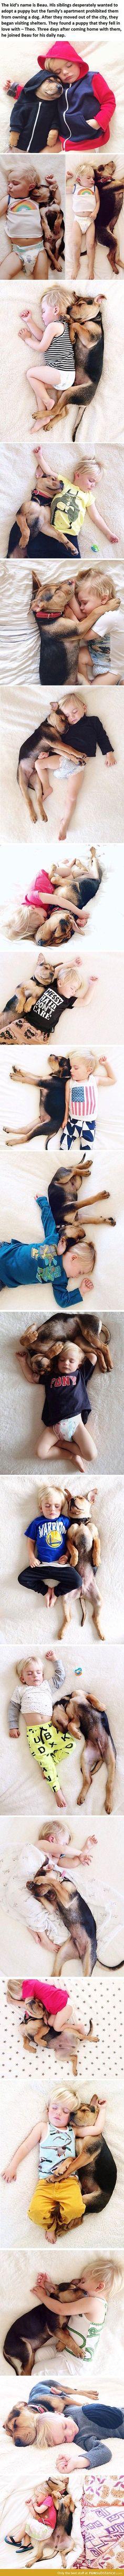 Kiddos + Puppies = Adorable :)